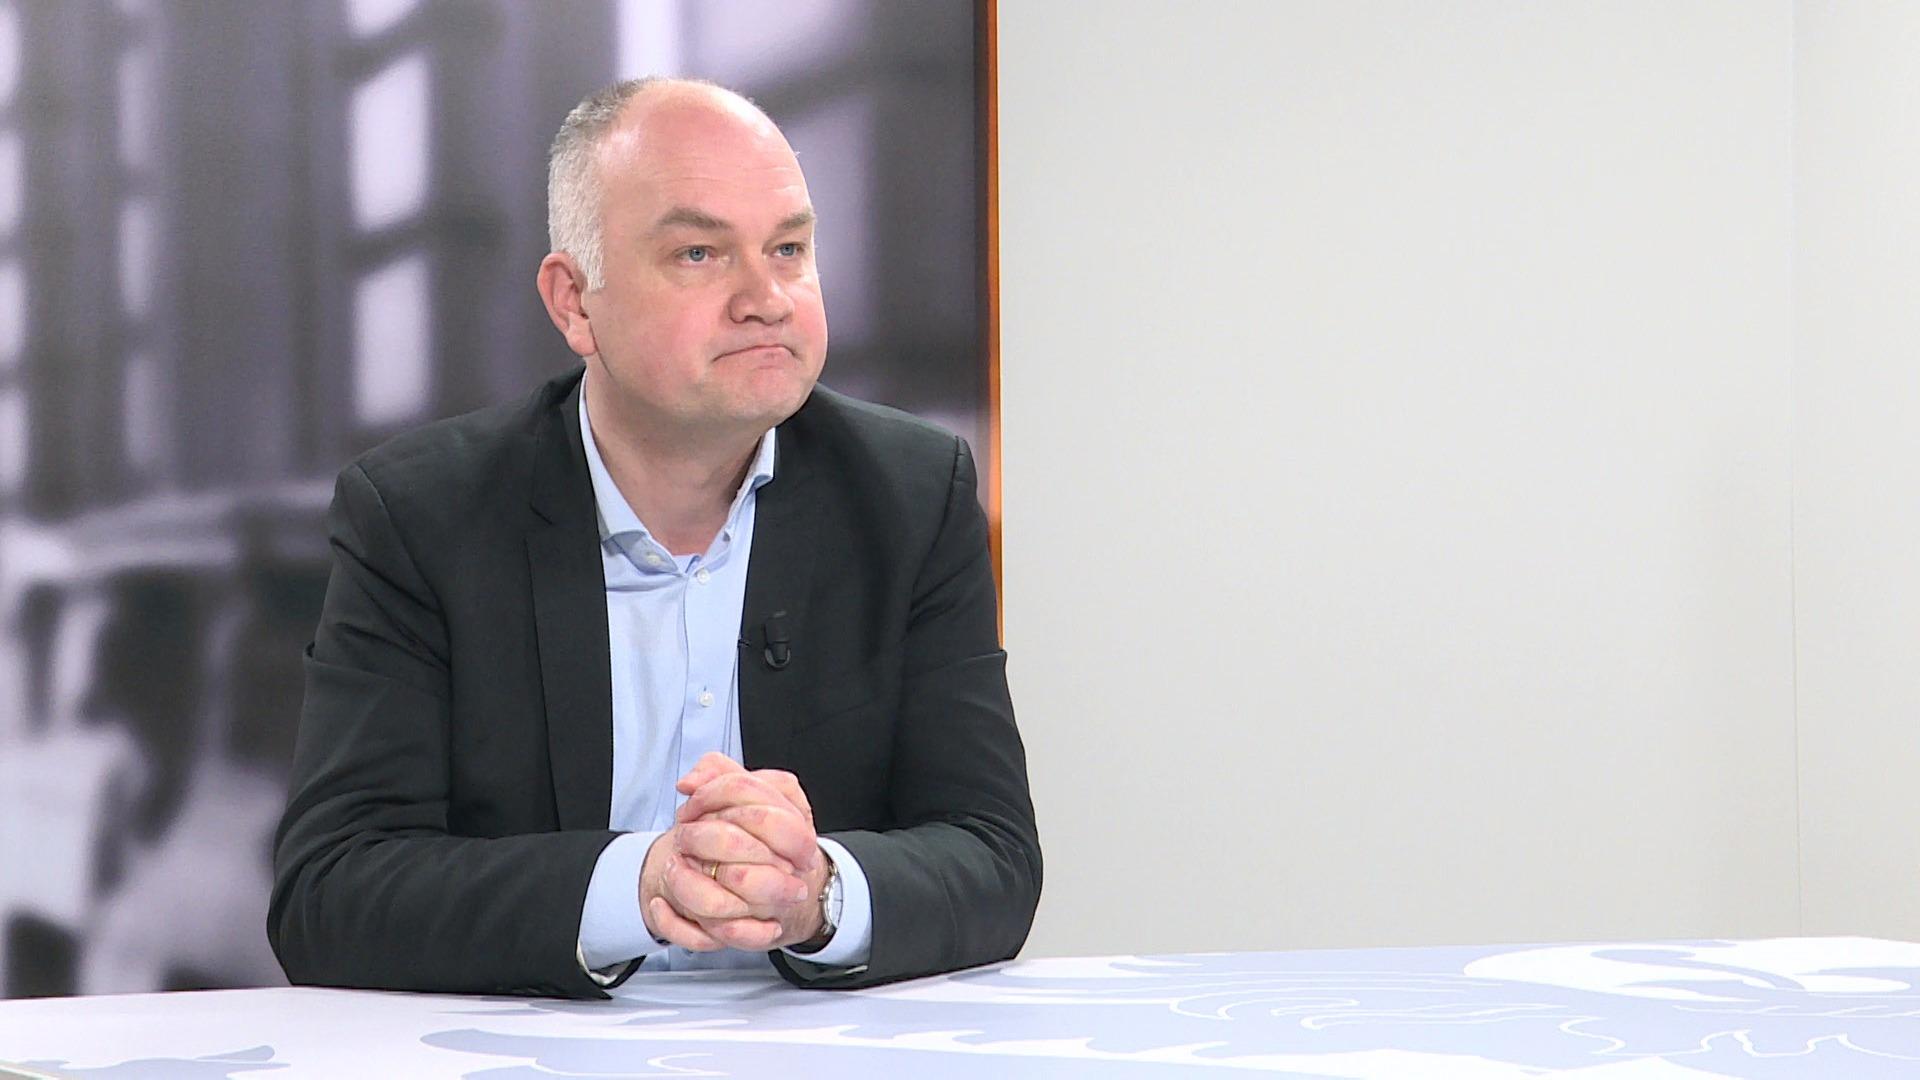 Studio Commissie: Björn Rzoska over een nieuwe gouverneur voor Oost-Vlaanderen